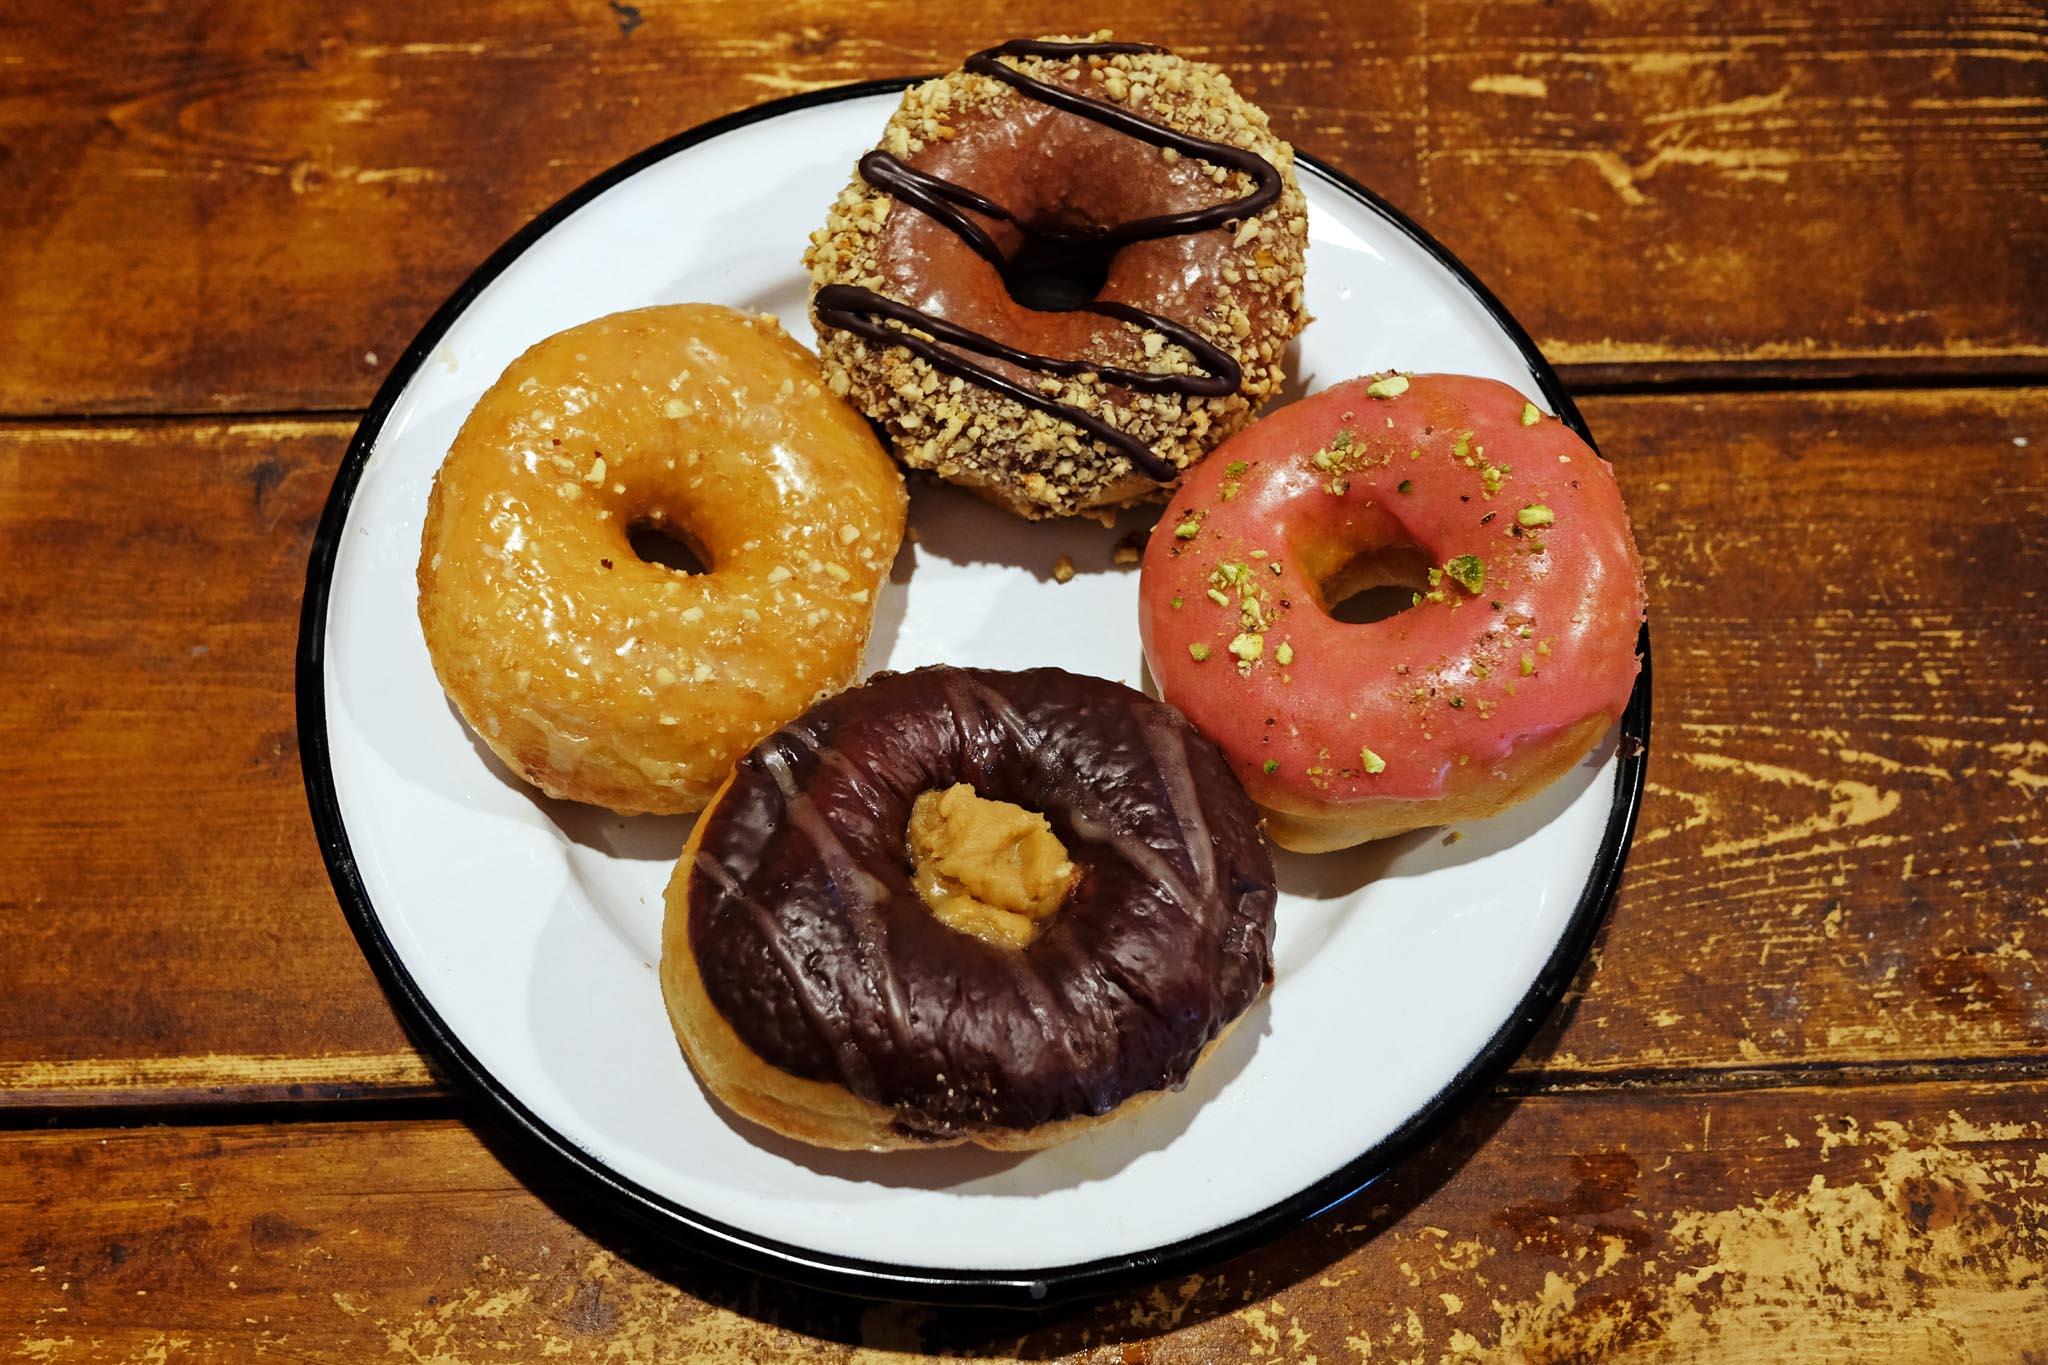 чаще всего пончик берлинский рецепт фото довольно твердый, суровый